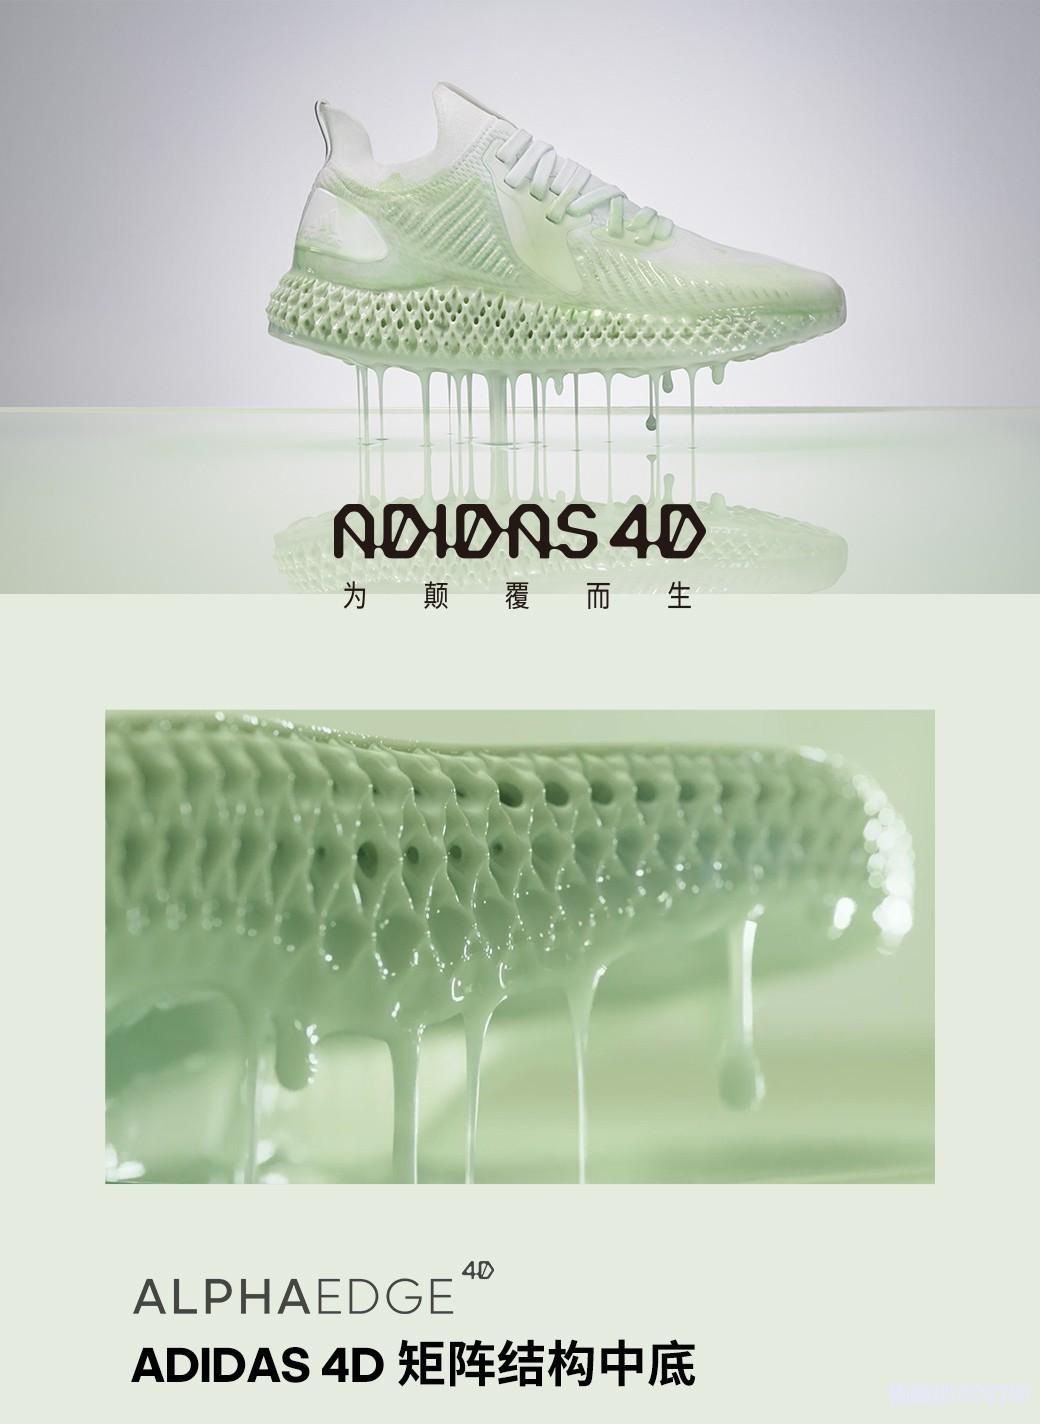 鞋底鞋面全球首款全3D打印运动鞋1299元,匹克又出黑科技了